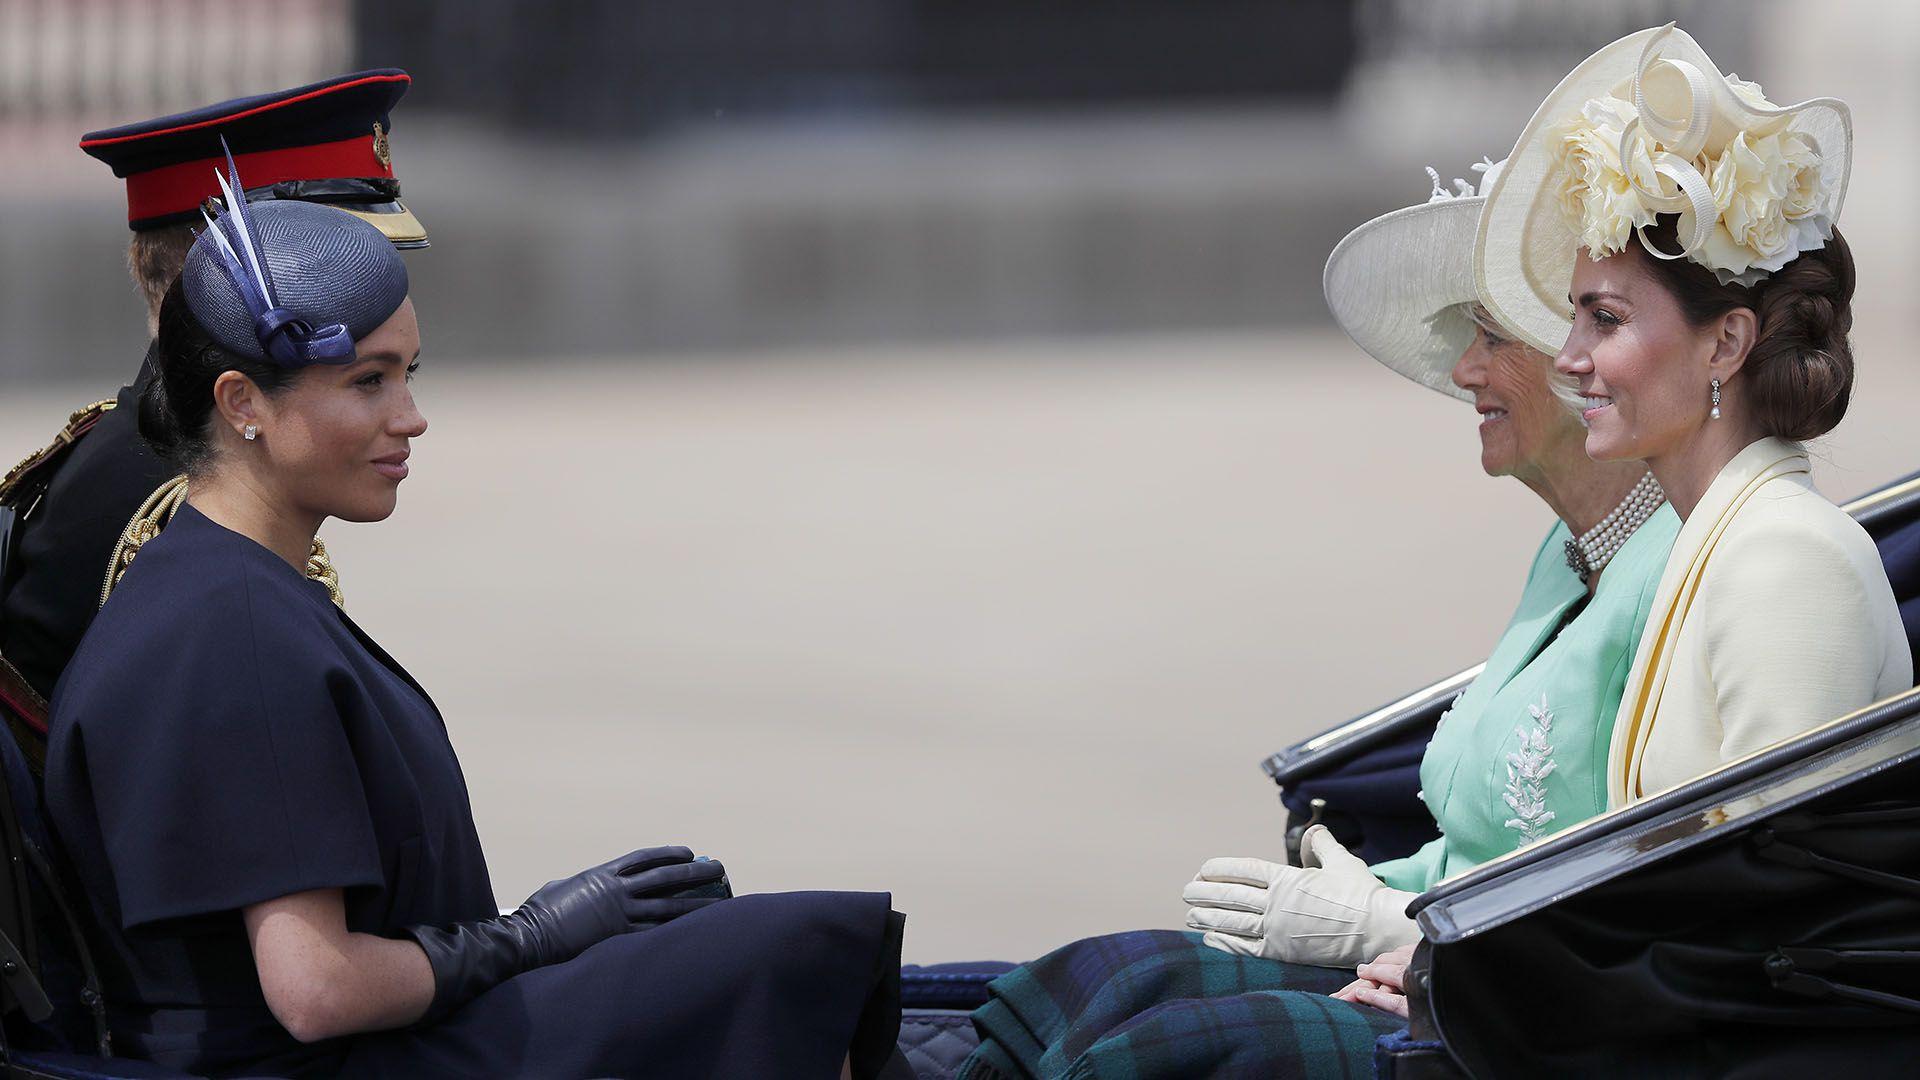 Con años de experiencia en la corona, Kate Middleton intentó tranquilizar a Meghan Markle sobre el escrutinio de la prensa (AP Photo/Frank Augstein)